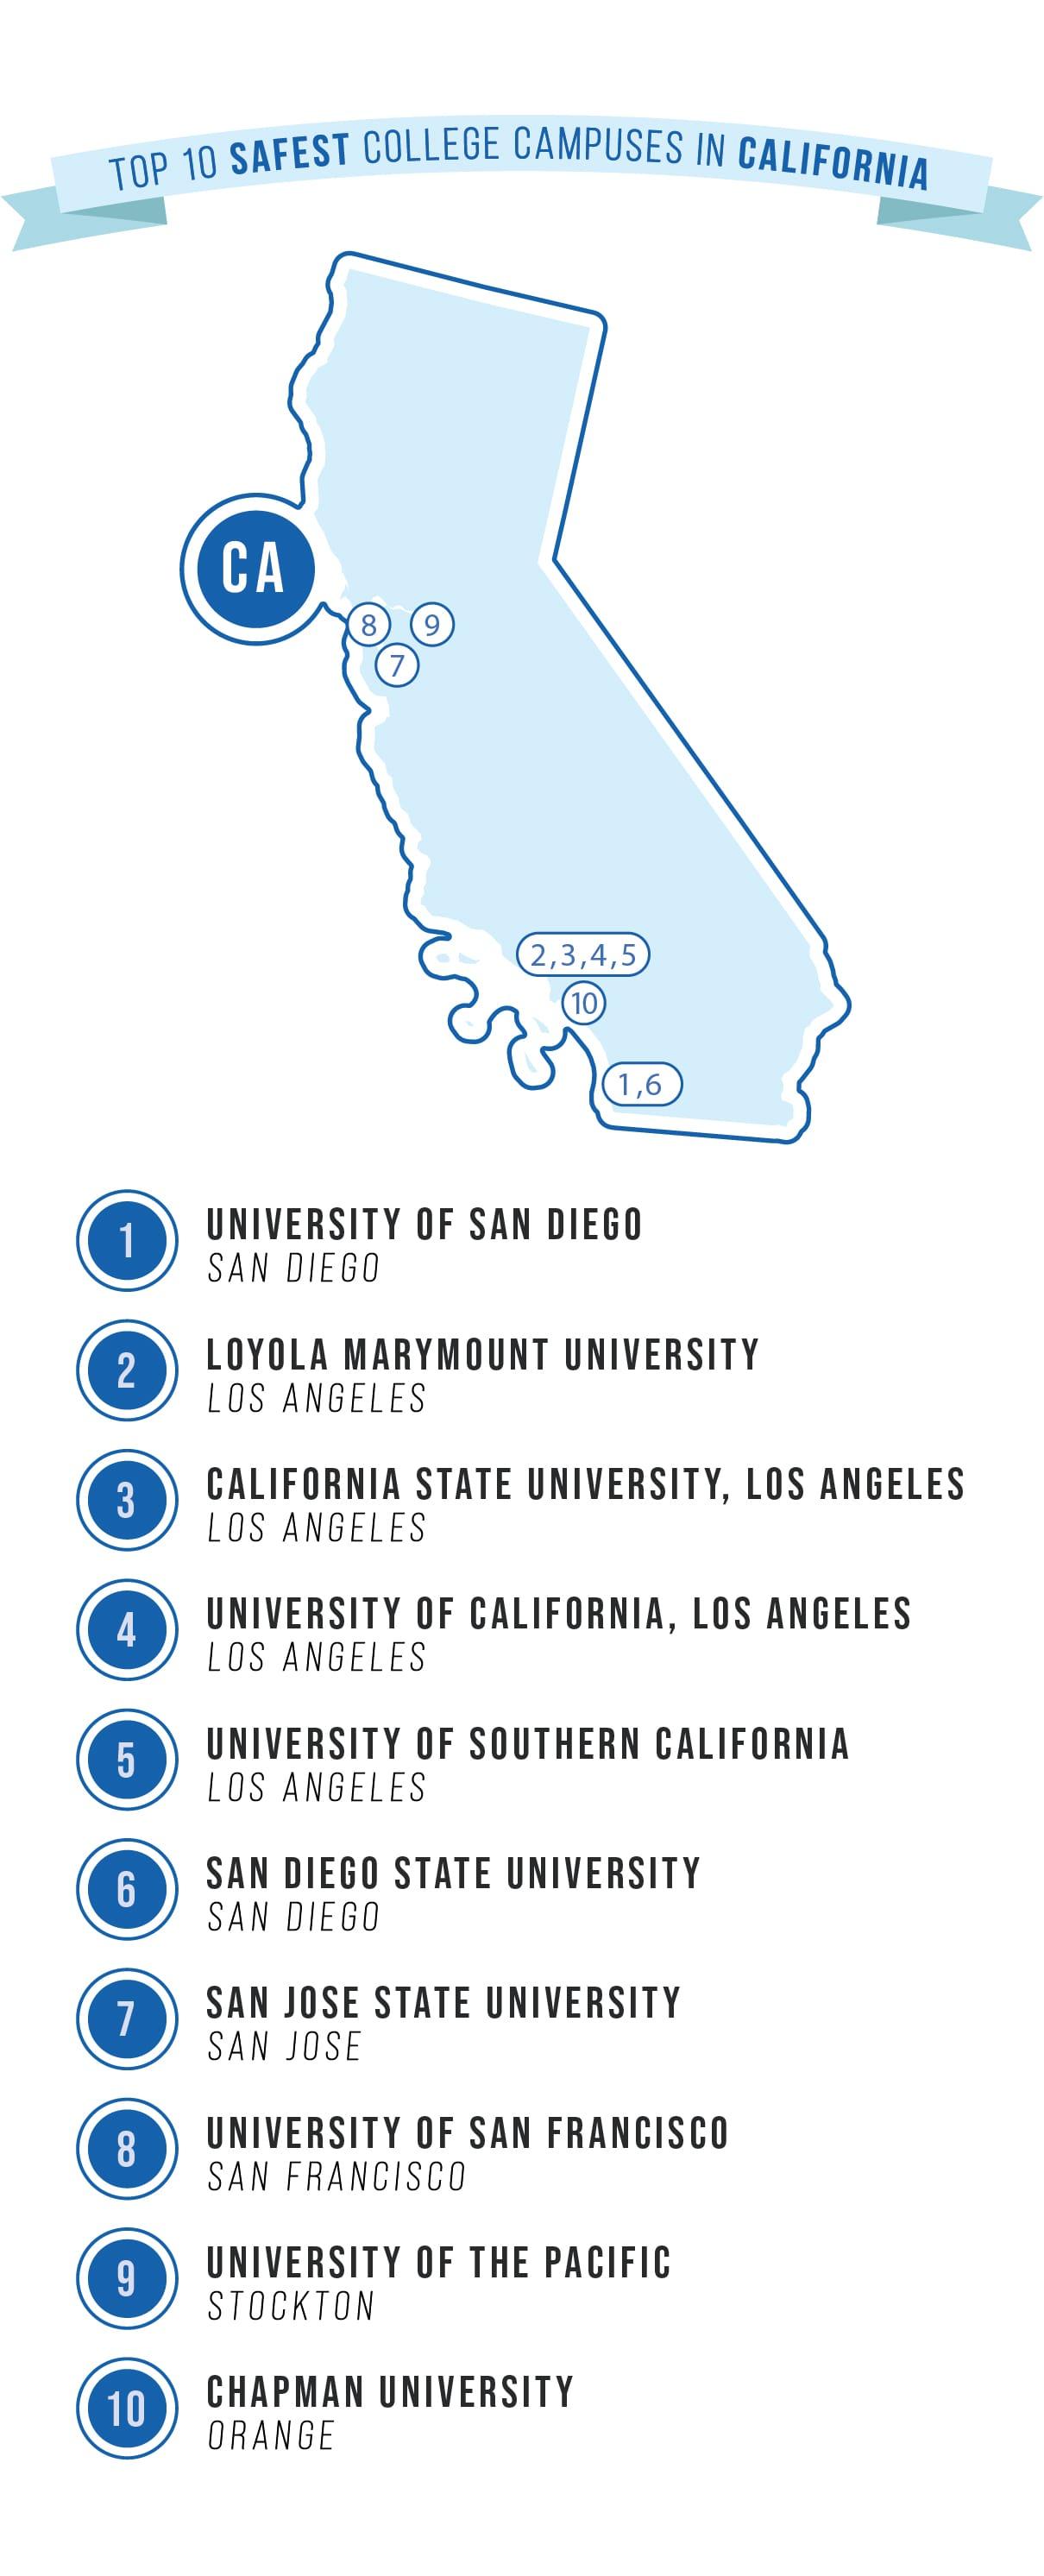 safest college campuses in CA